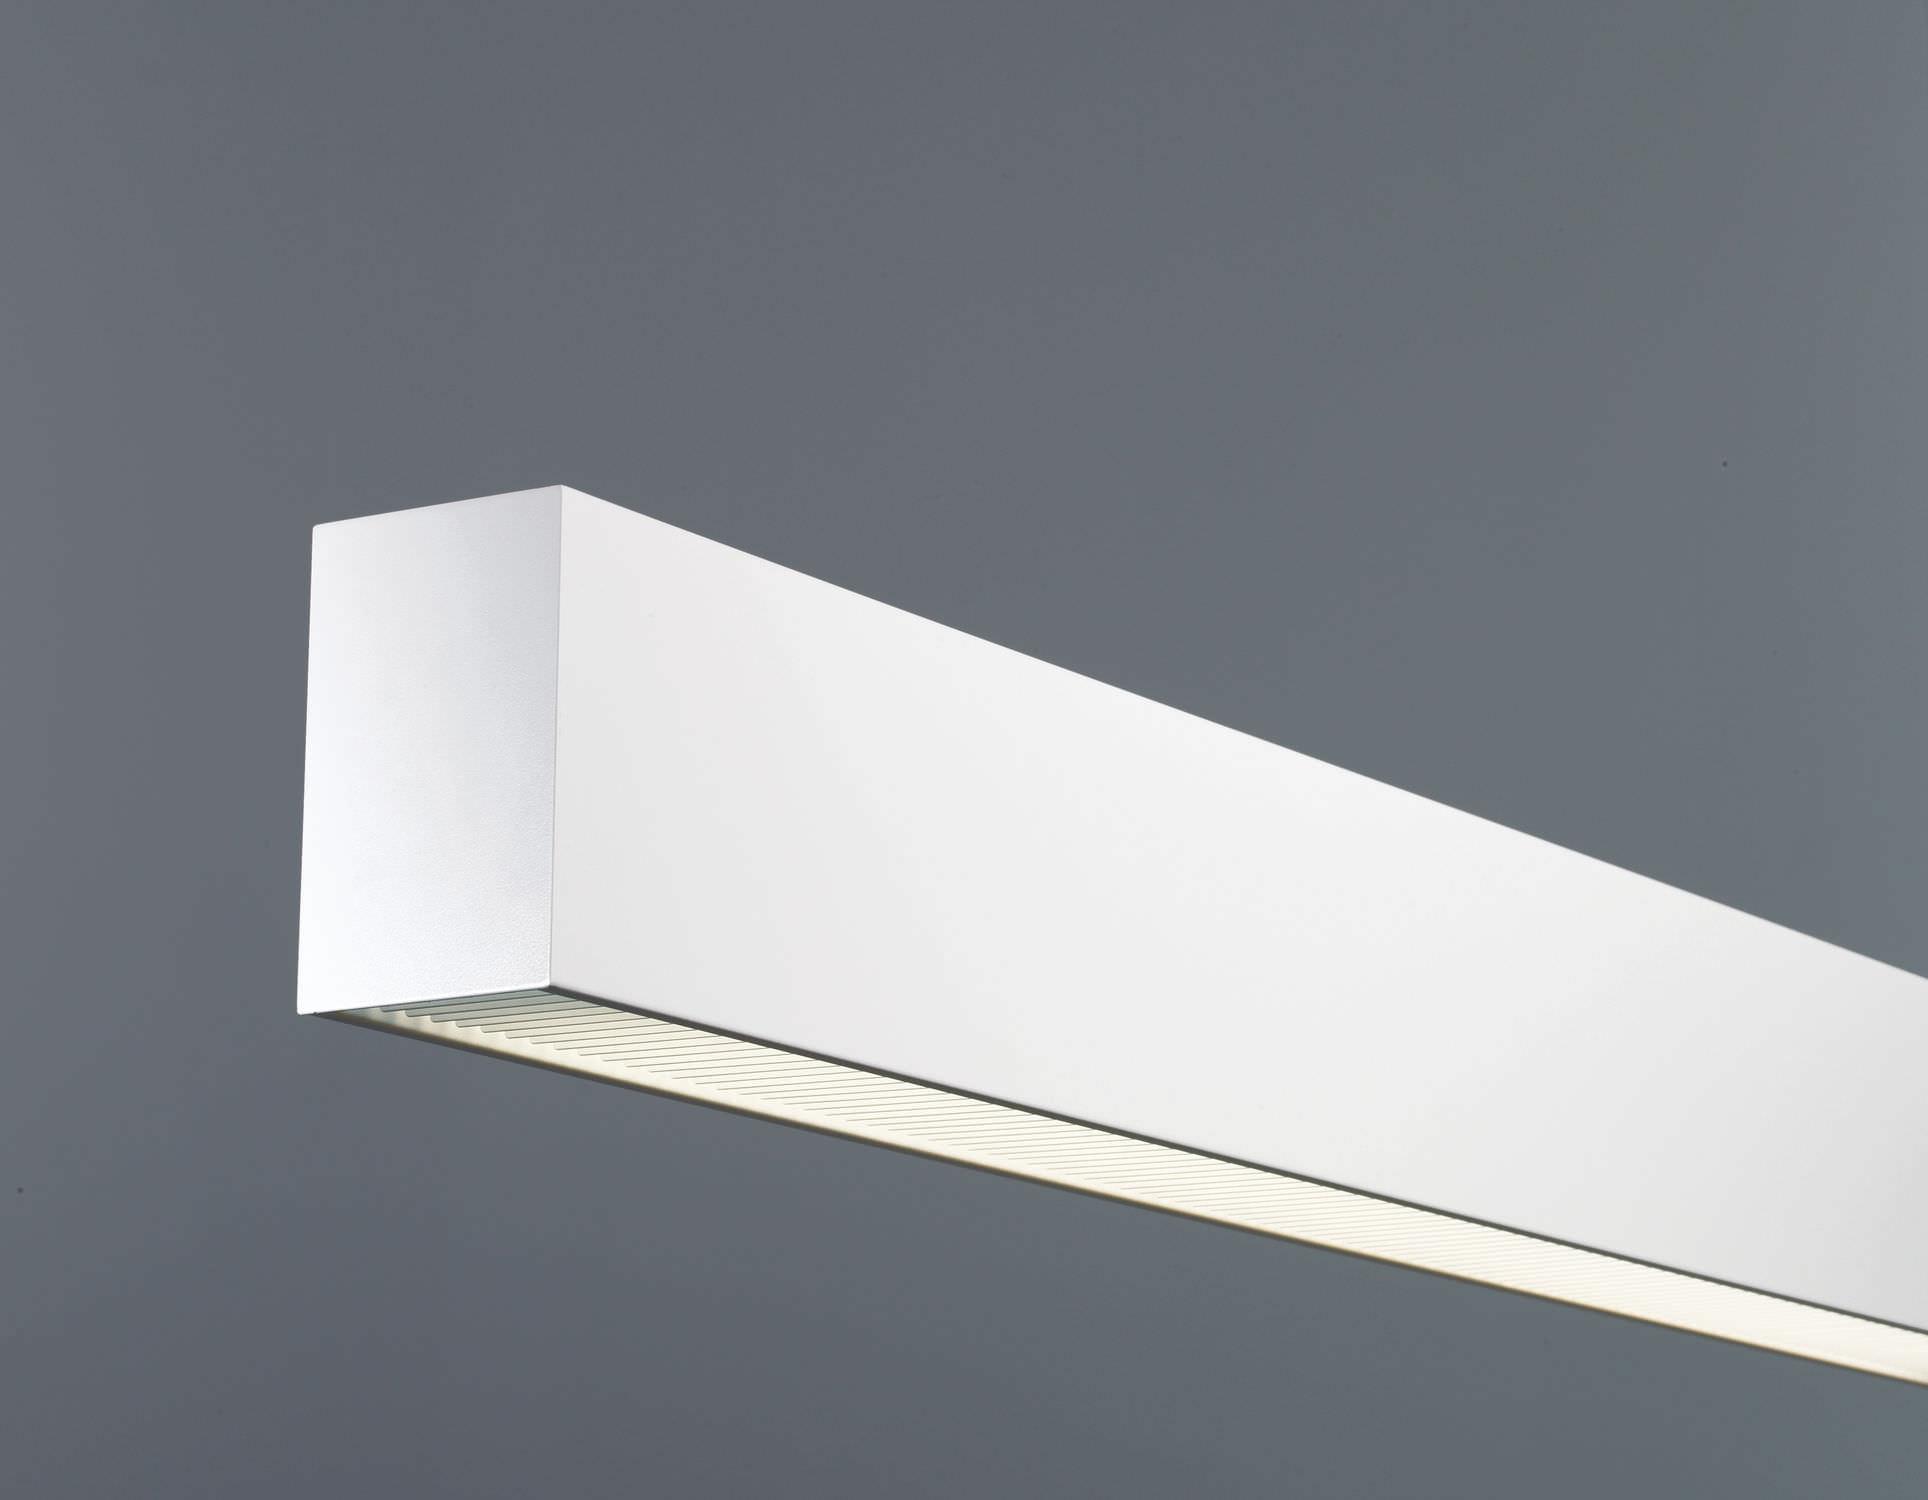 Timeless Wall mounted fluorescent light fixtures  Warisan